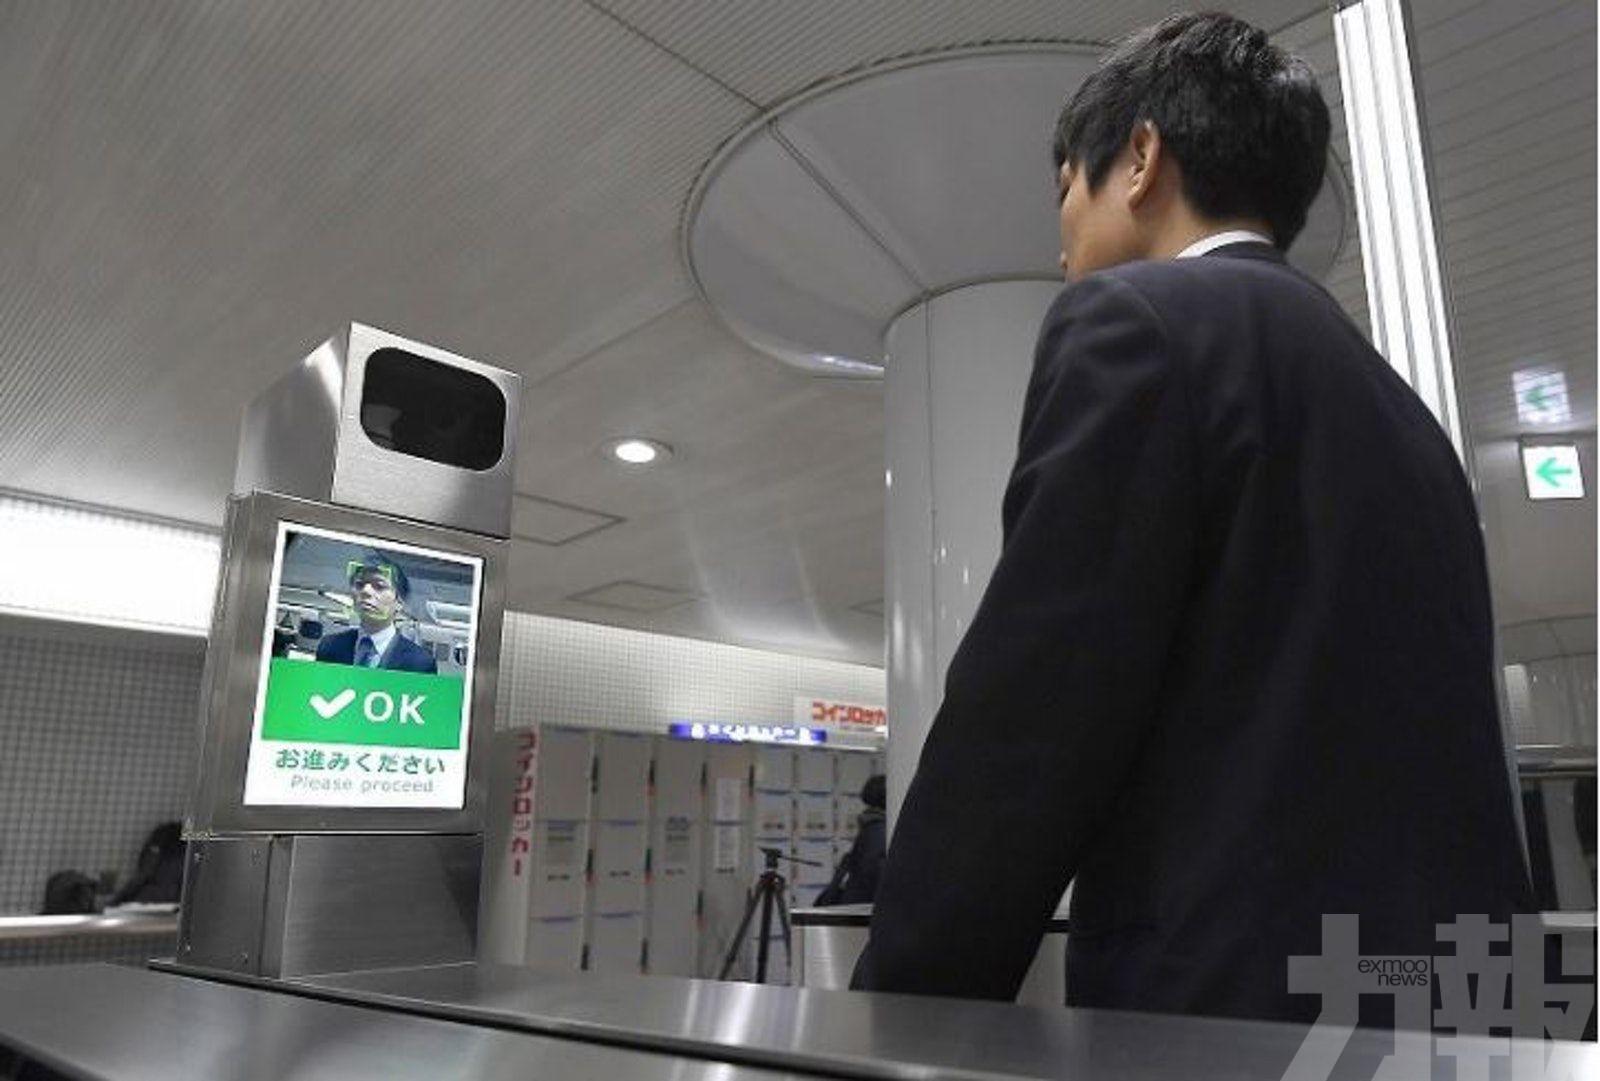 【遊日注意】大阪地鐵今起試用人臉辨識系統